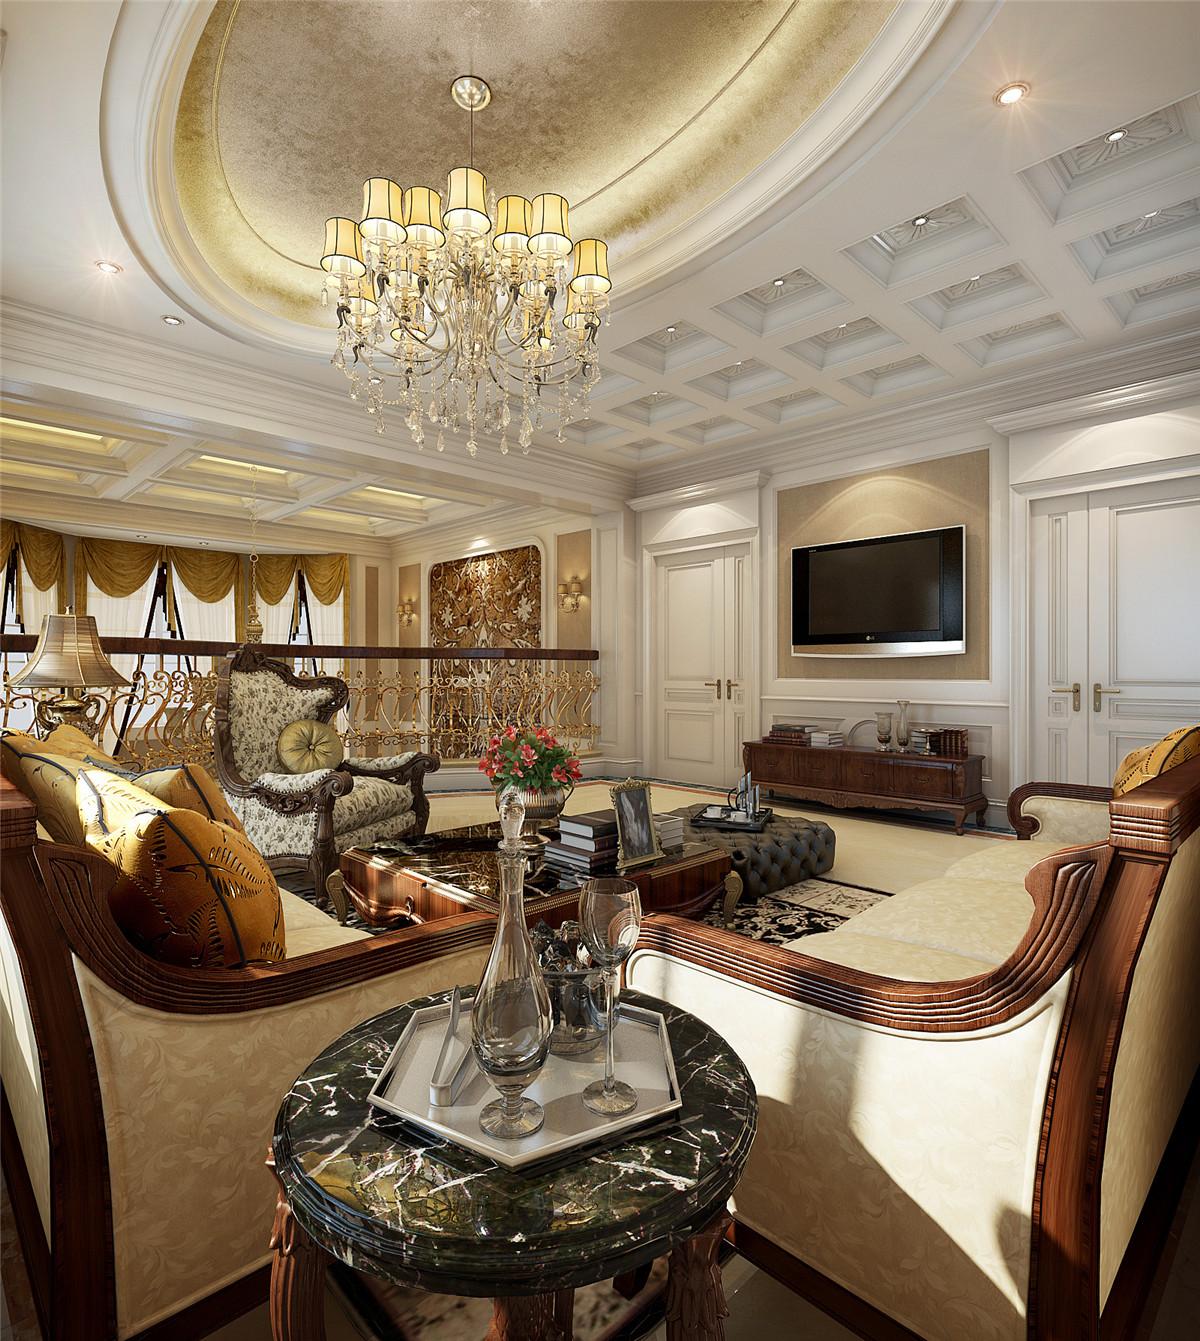 汤臣高尔夫 别墅装修 欧式古典 腾龙设计 客厅图片来自孔继民在汤臣高尔夫700平别墅欧式古典的分享